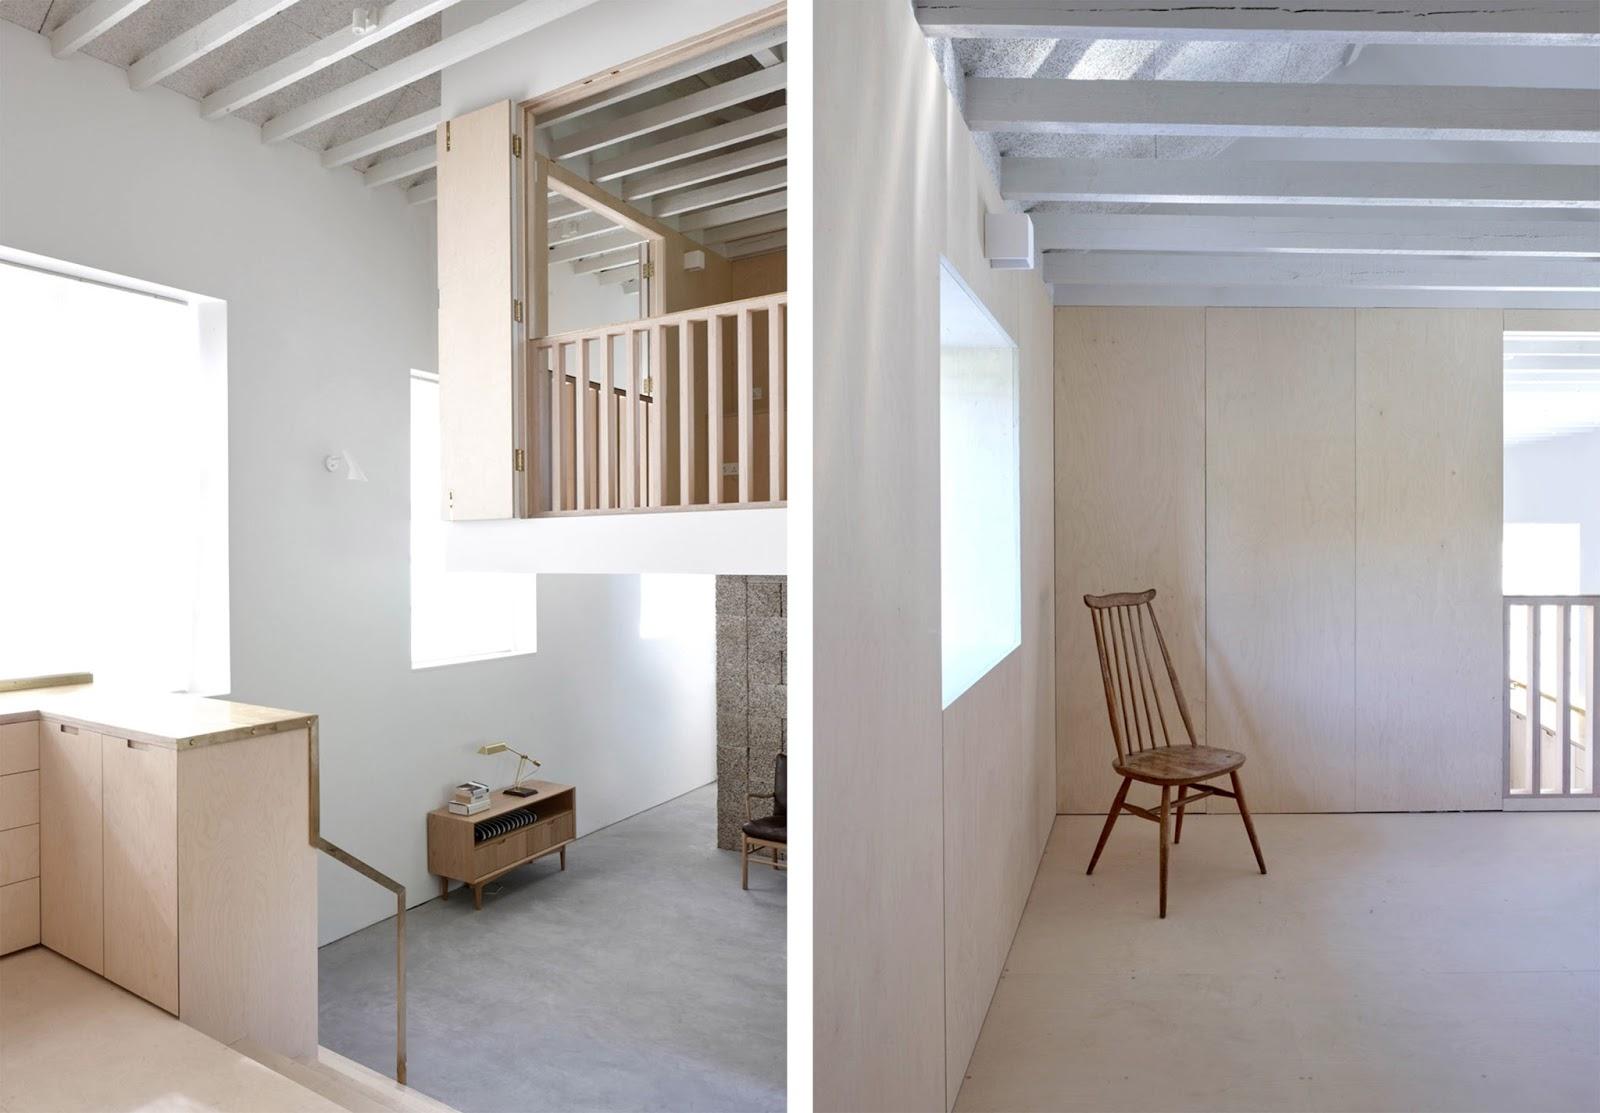 Loft con camera soppalco e cucina su misura by mclaren for Case piccole con soppalco